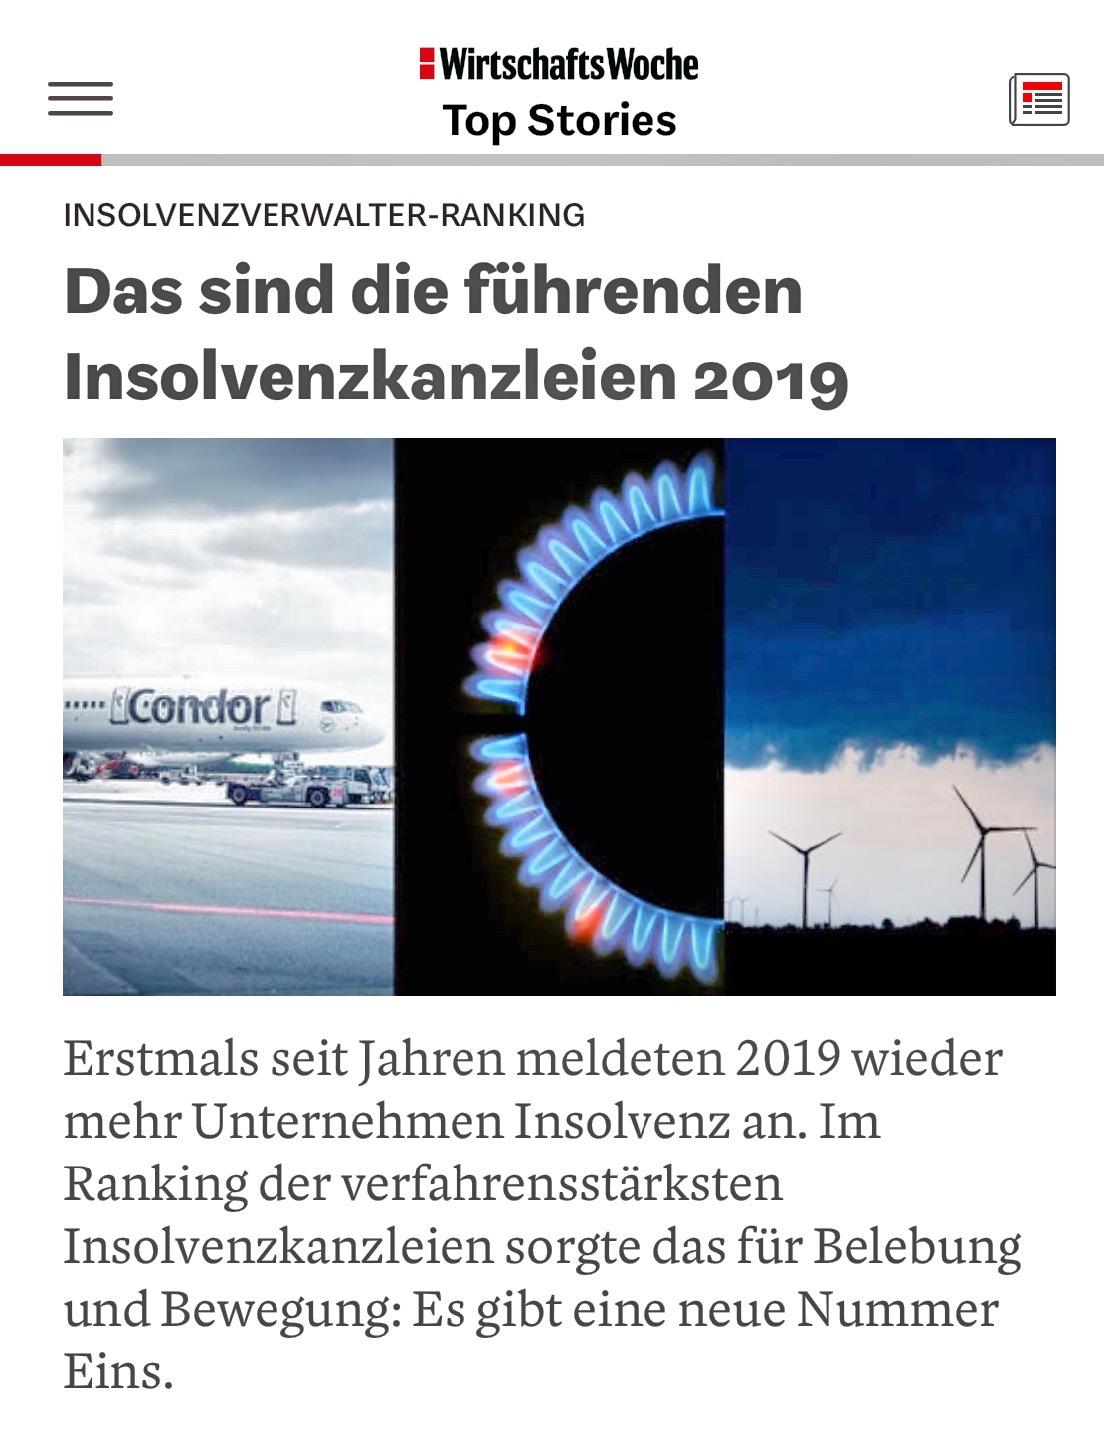 Insolvenzverwalter-Ranking: Schiebe Und Collegen Gehört Erneut Zu Den Meistbestellten Kanzleien Deutschlands